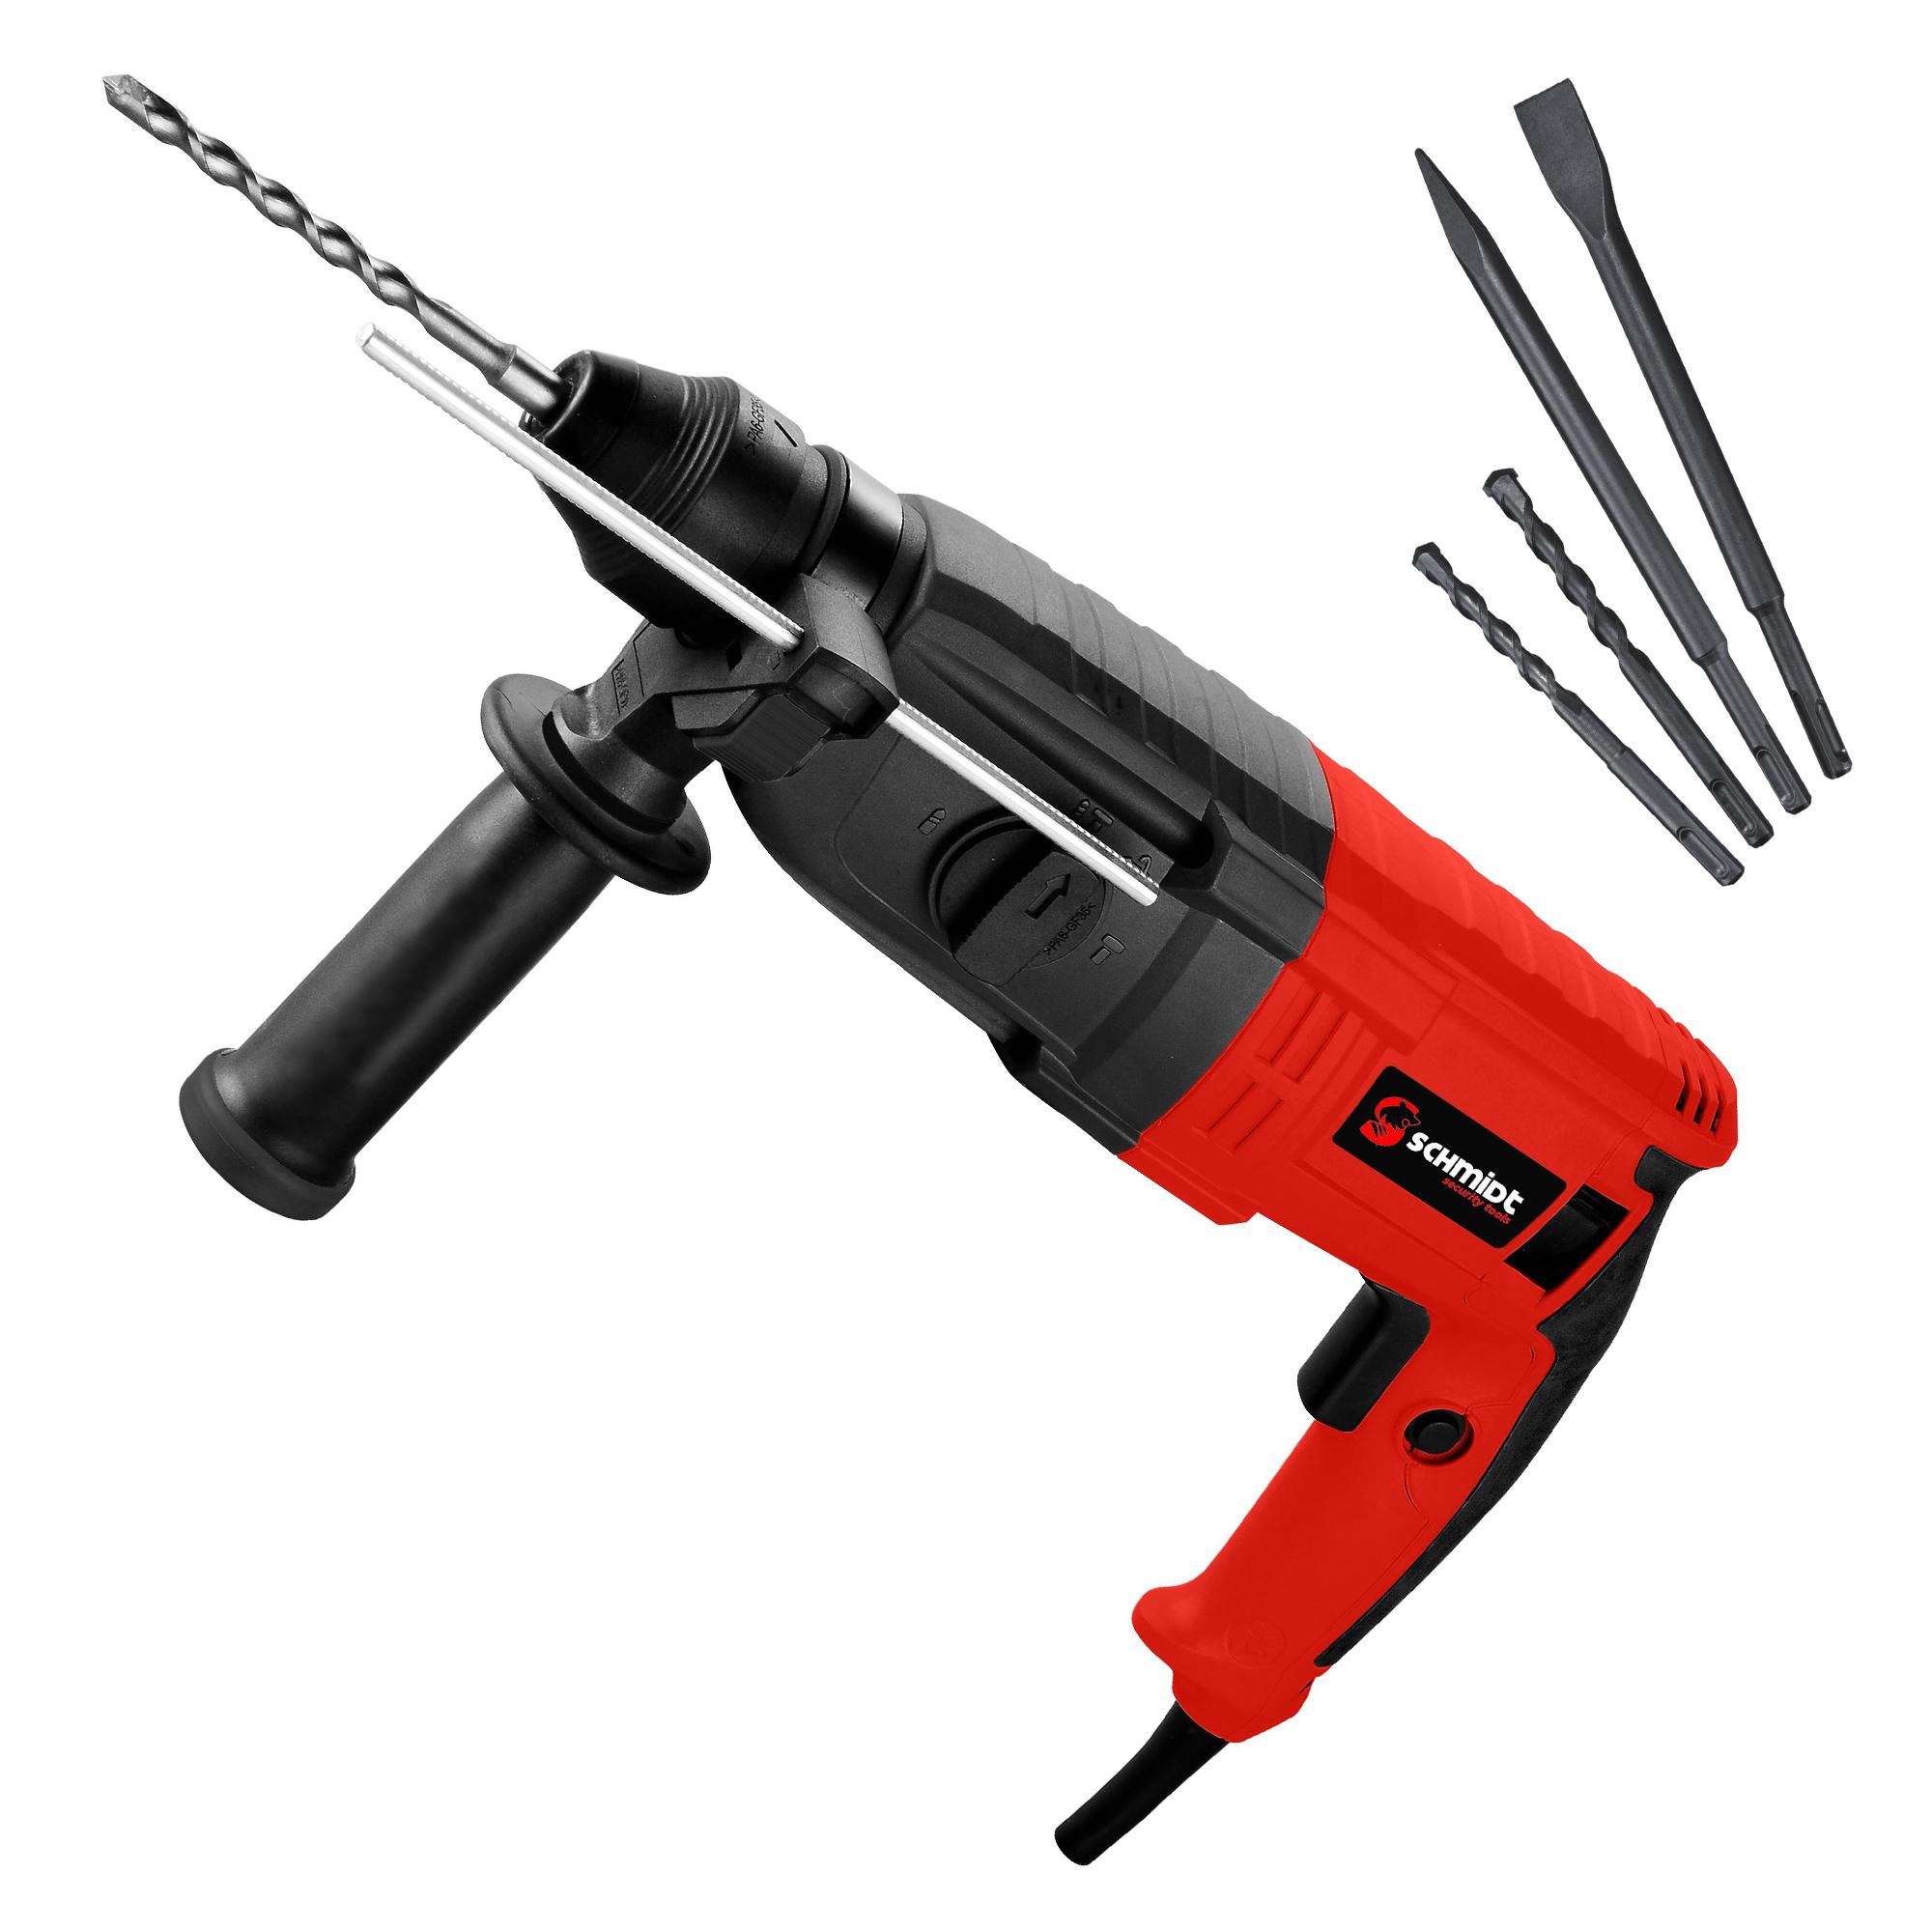 Gut gemocht SCHMIDT security tools SDS-Plus Bohrhammer RH-710 Meißelhammer CL58